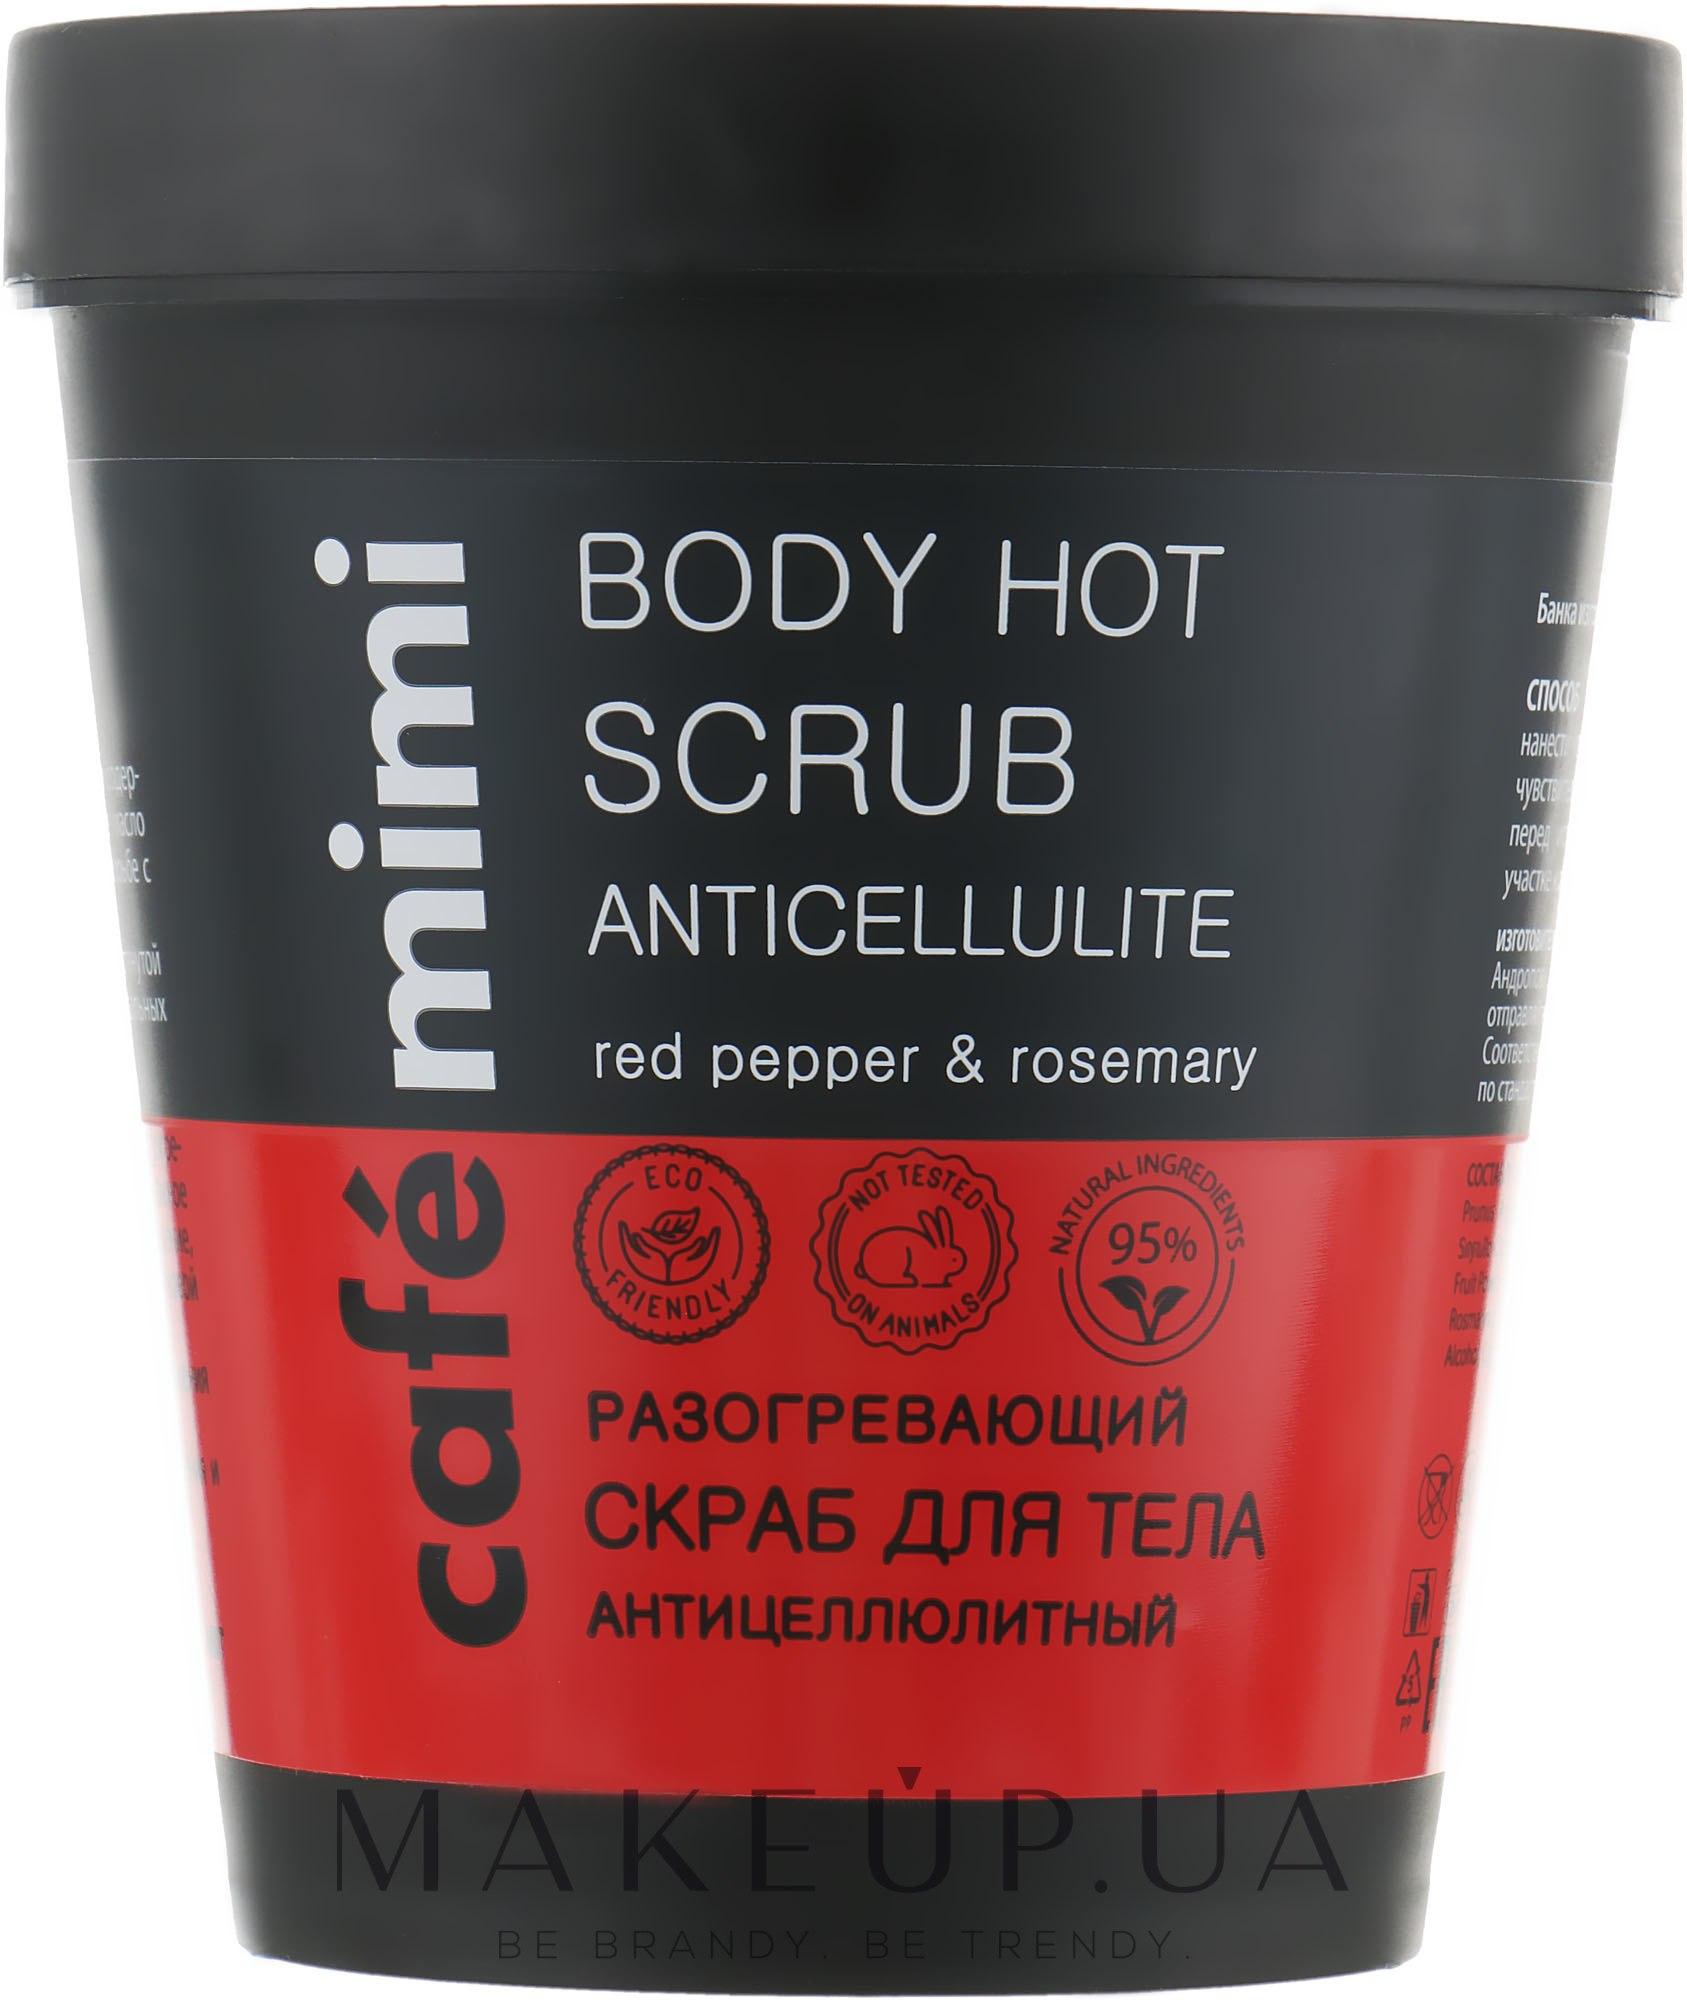 """Разогревающий скраб для тела """"Антицеллюлитный"""" - Cafe Mimi Body Hot Scrub Anticellulite — фото 280g"""